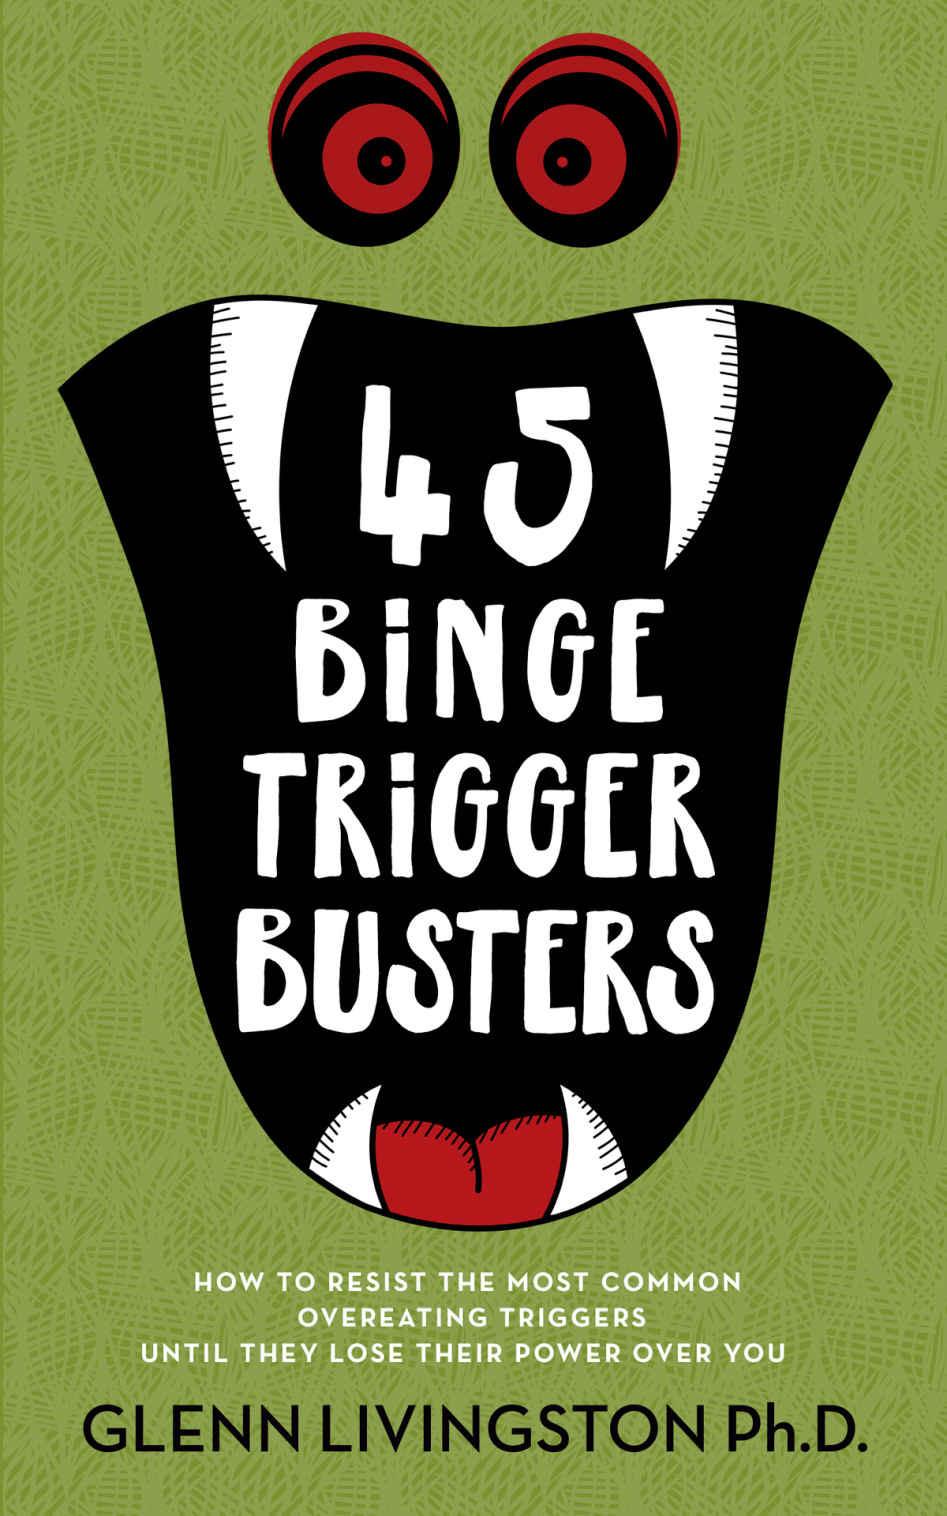 binge trigger